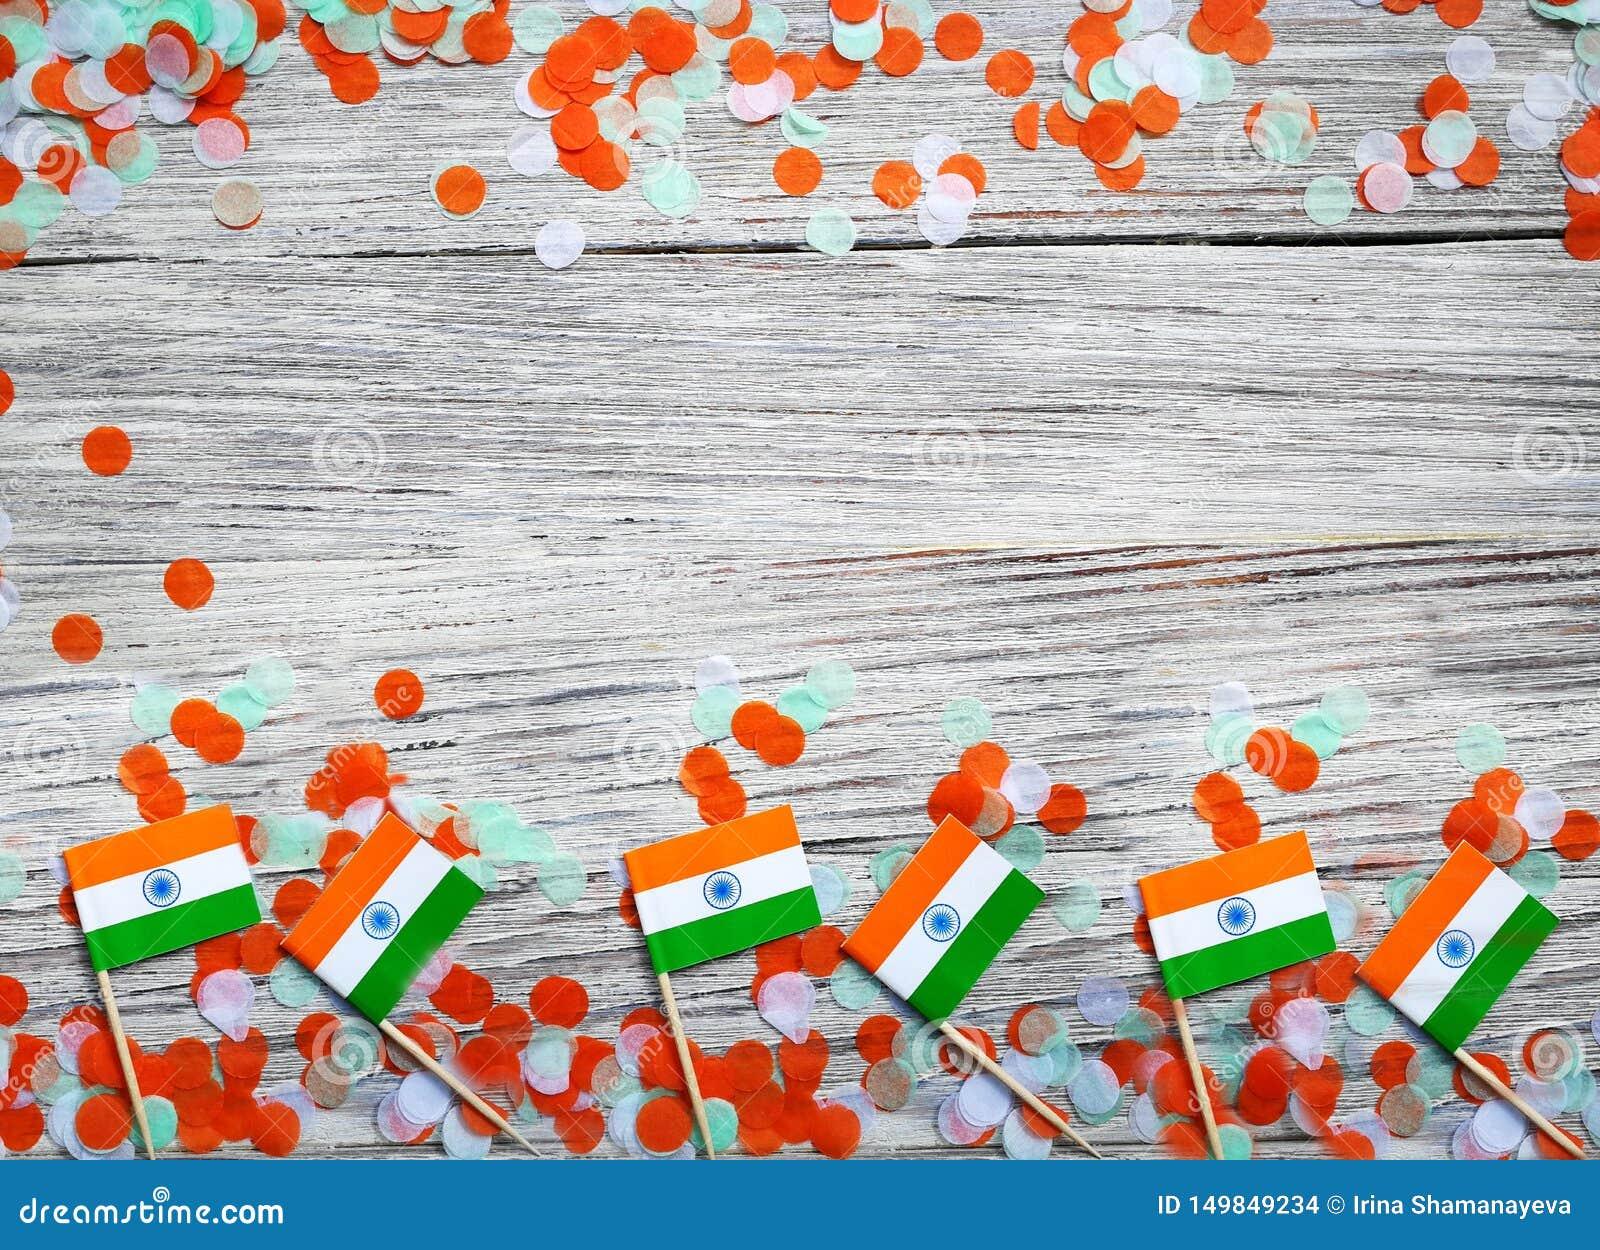 Indien självständighetsdagen 15 Augusti, Indien mini- flaggor med orange för färger för konfettier tre grön och vitt, på vitt lan